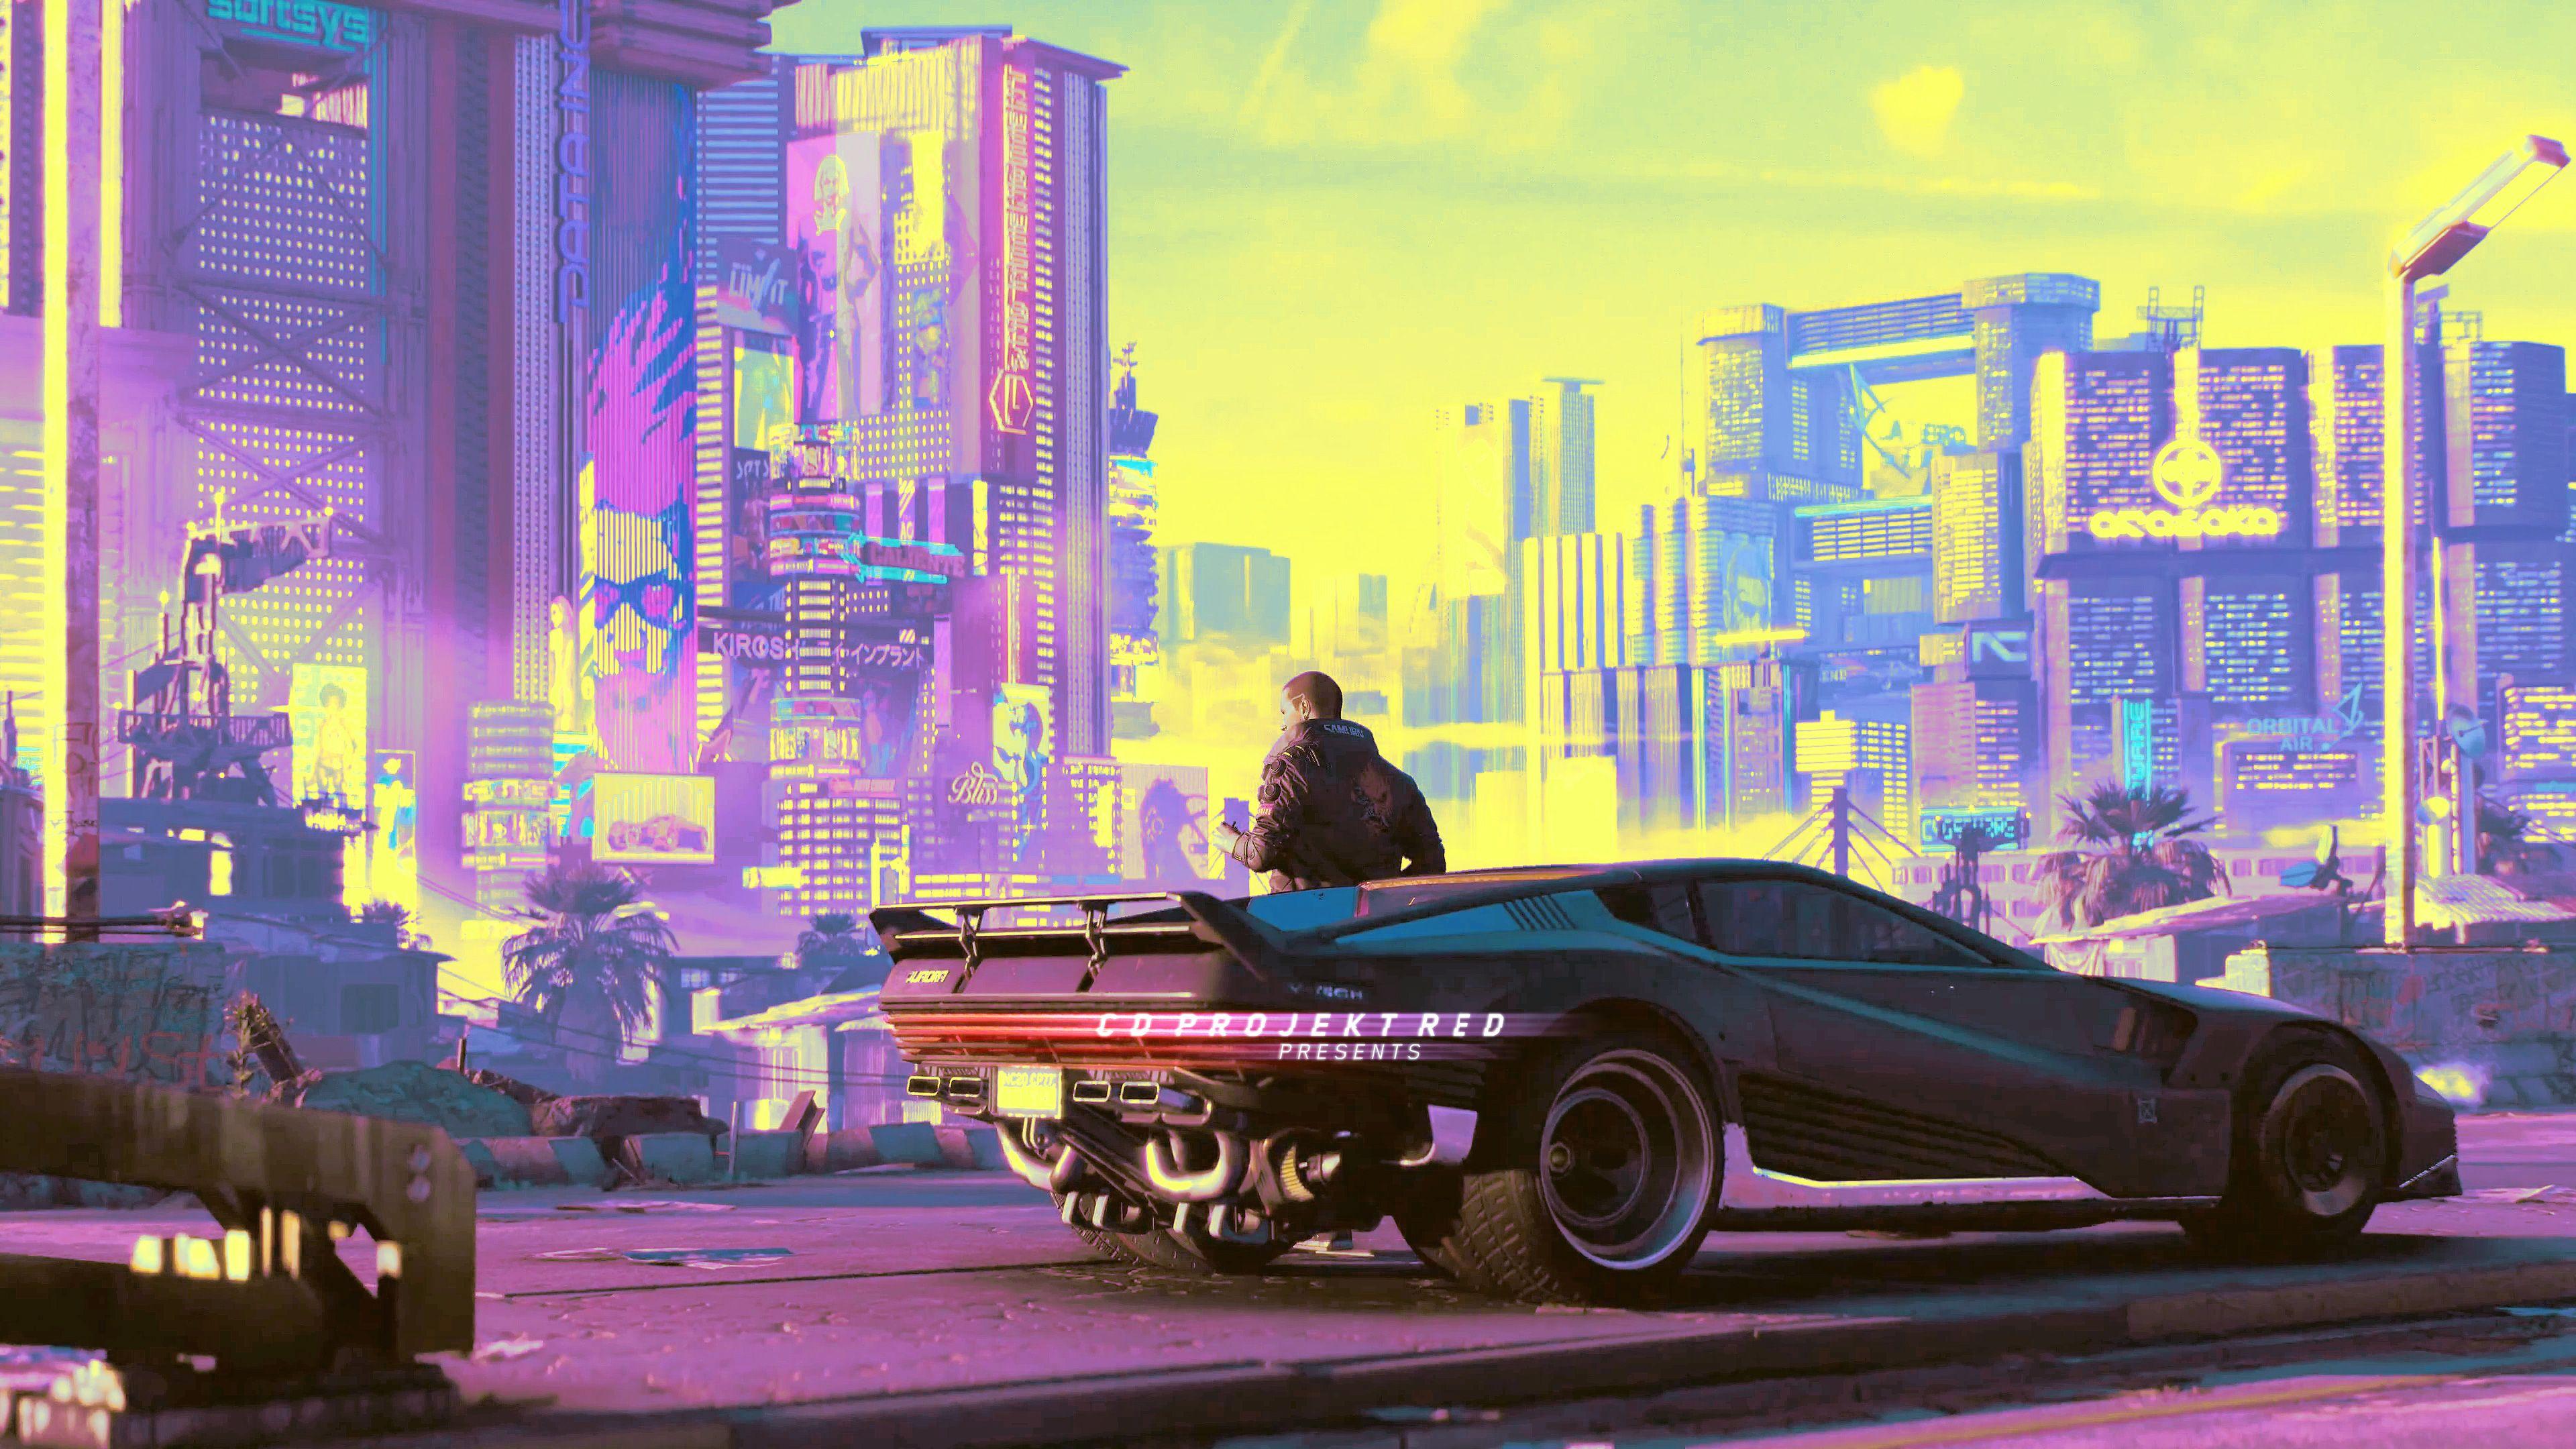 cyberpunk 2077 artistic 4k pc Cyberpunk, Cyberpunk 2077